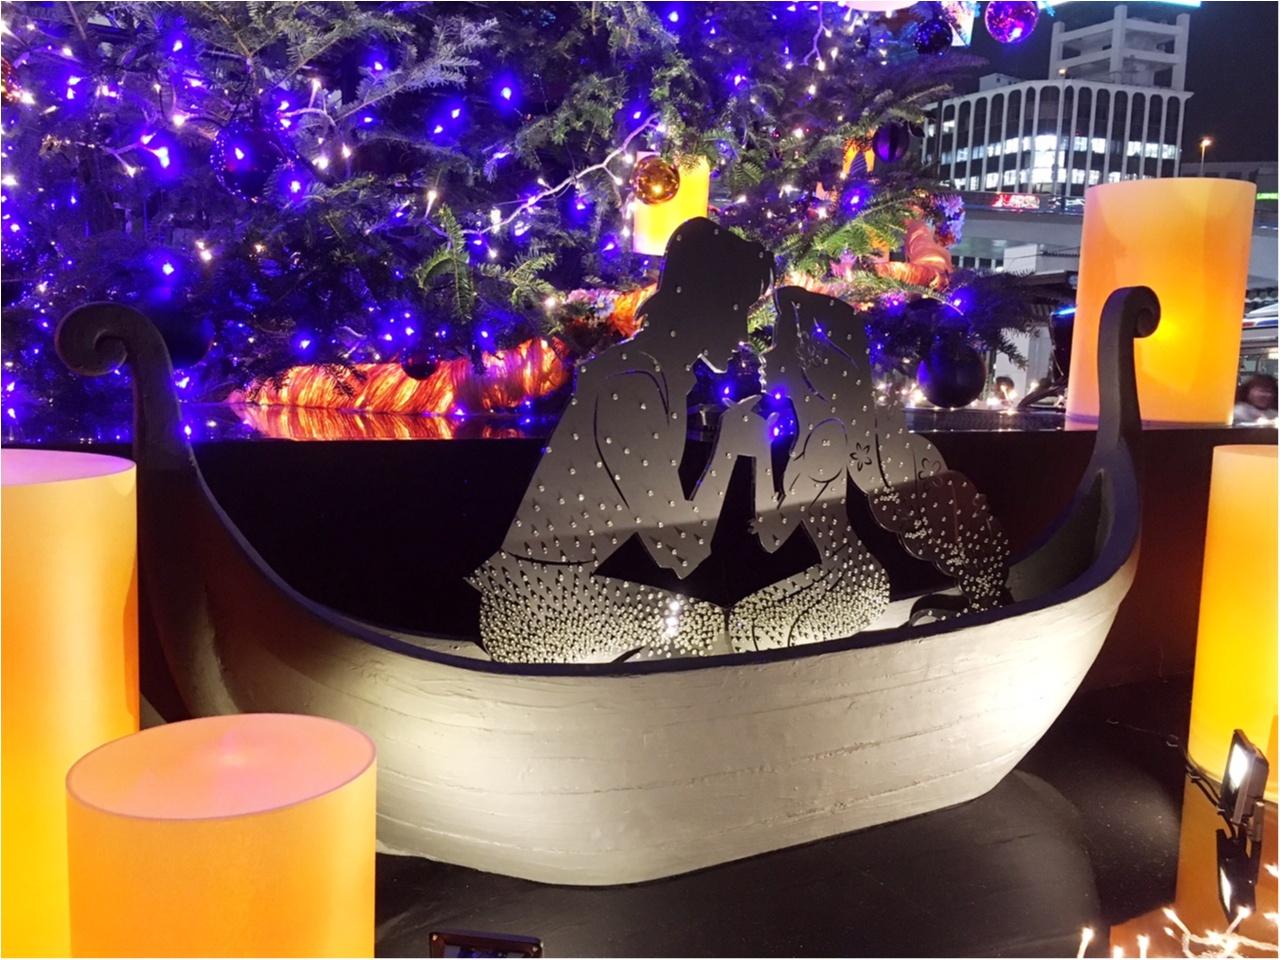 『渋谷ヒカリエ』のクリスマスはディズニープリンセスたちとコラボ♡『ラプンツェル・ツリー』点灯式に行ってきました(﹡´◡`﹡ )♡_5